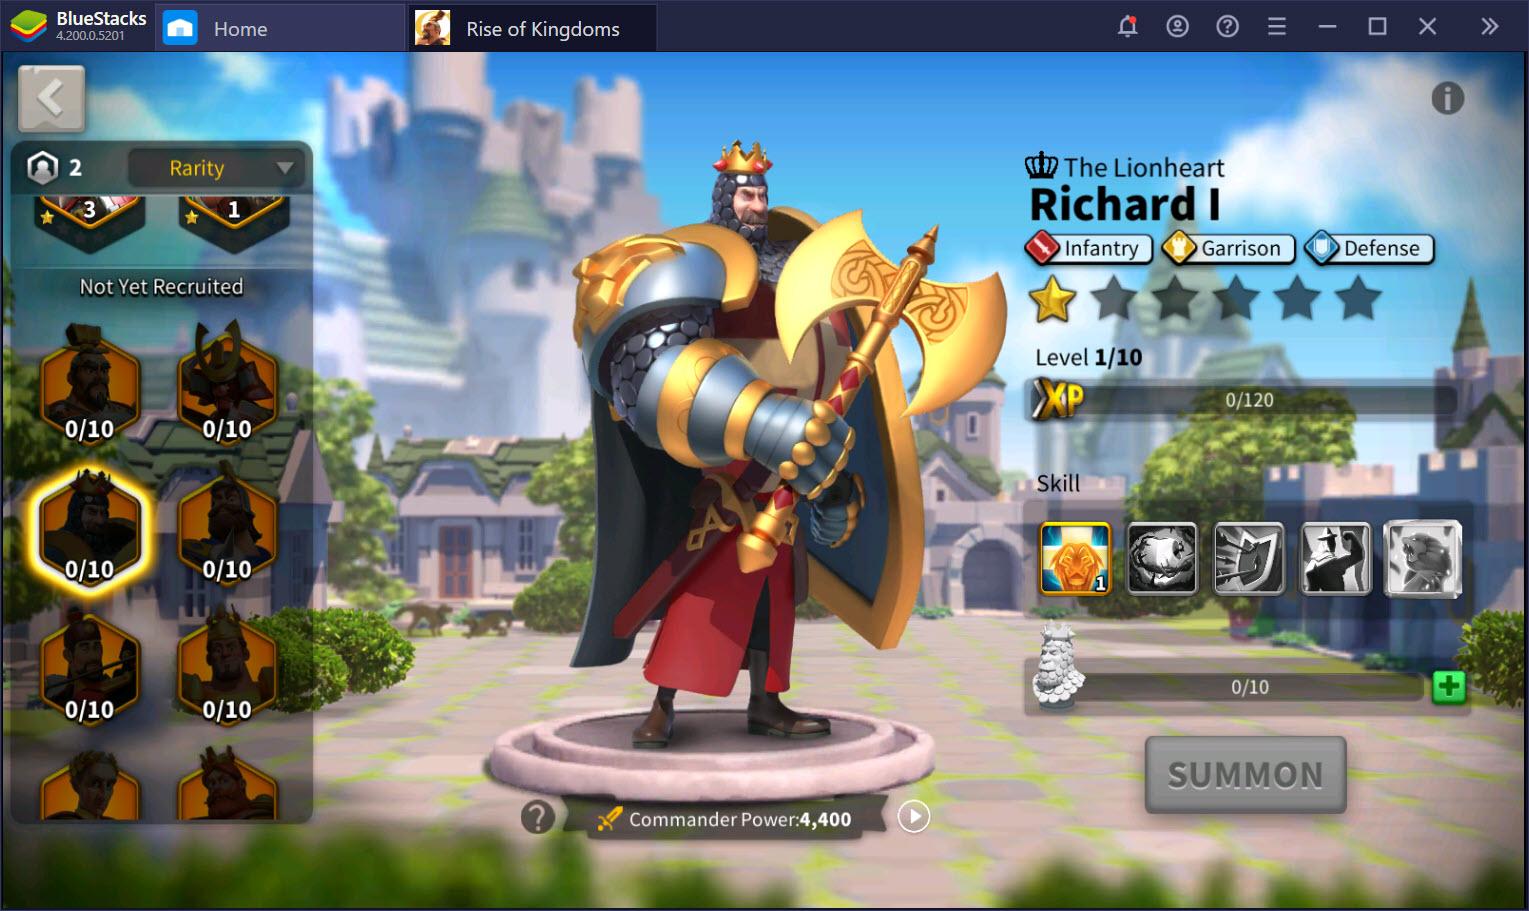 Tổng quan các loại tướng trong Rise of Kingdoms mà người chơi cần biết